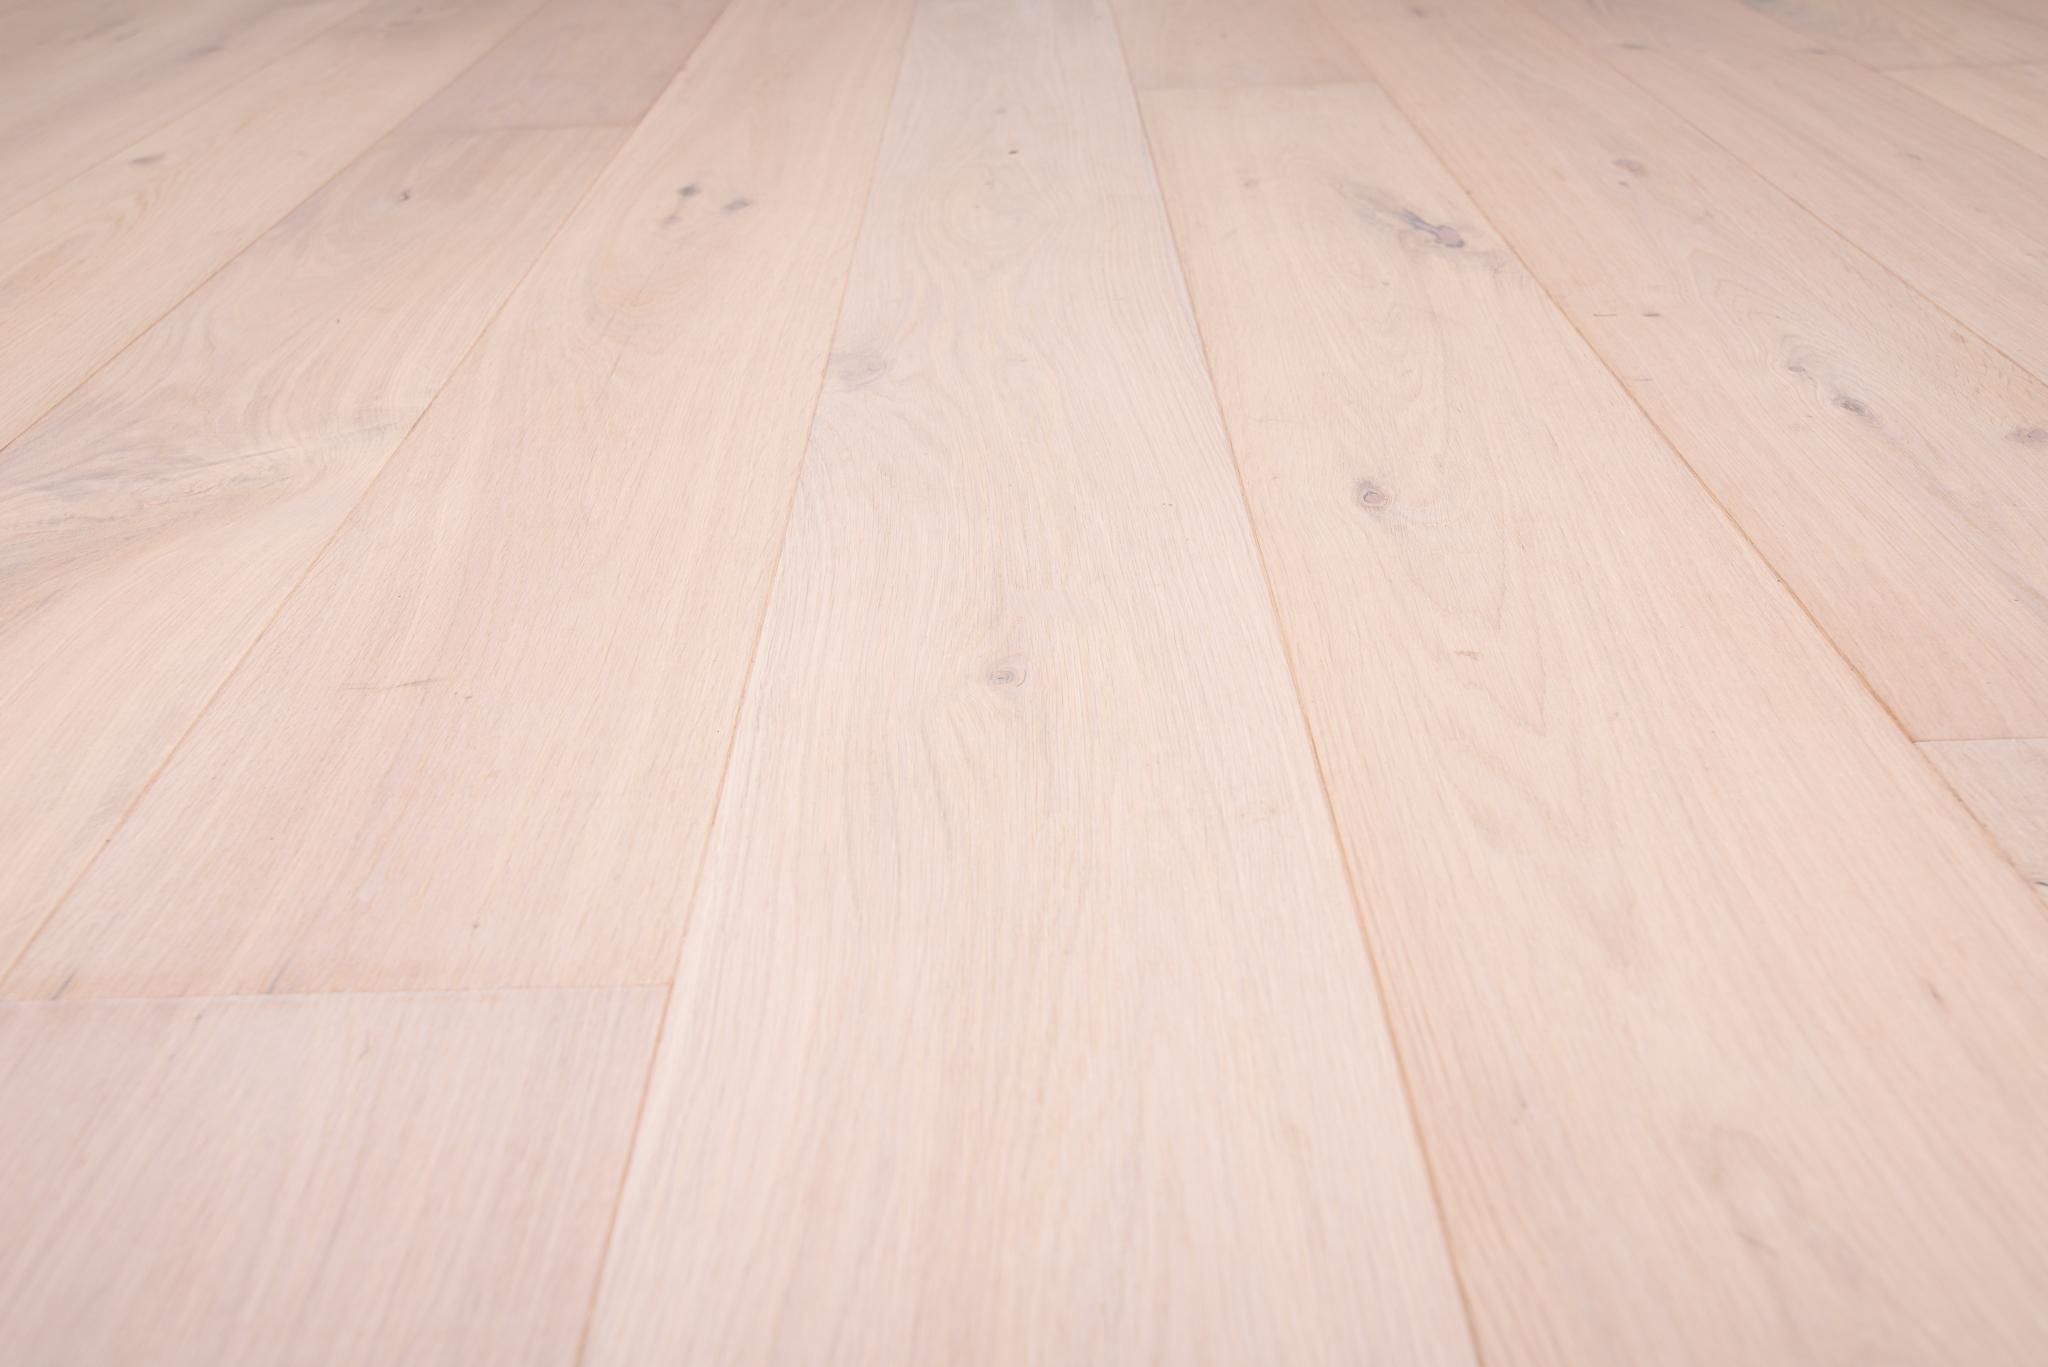 Nieuwe vloer belangrijke tips baltussen parket